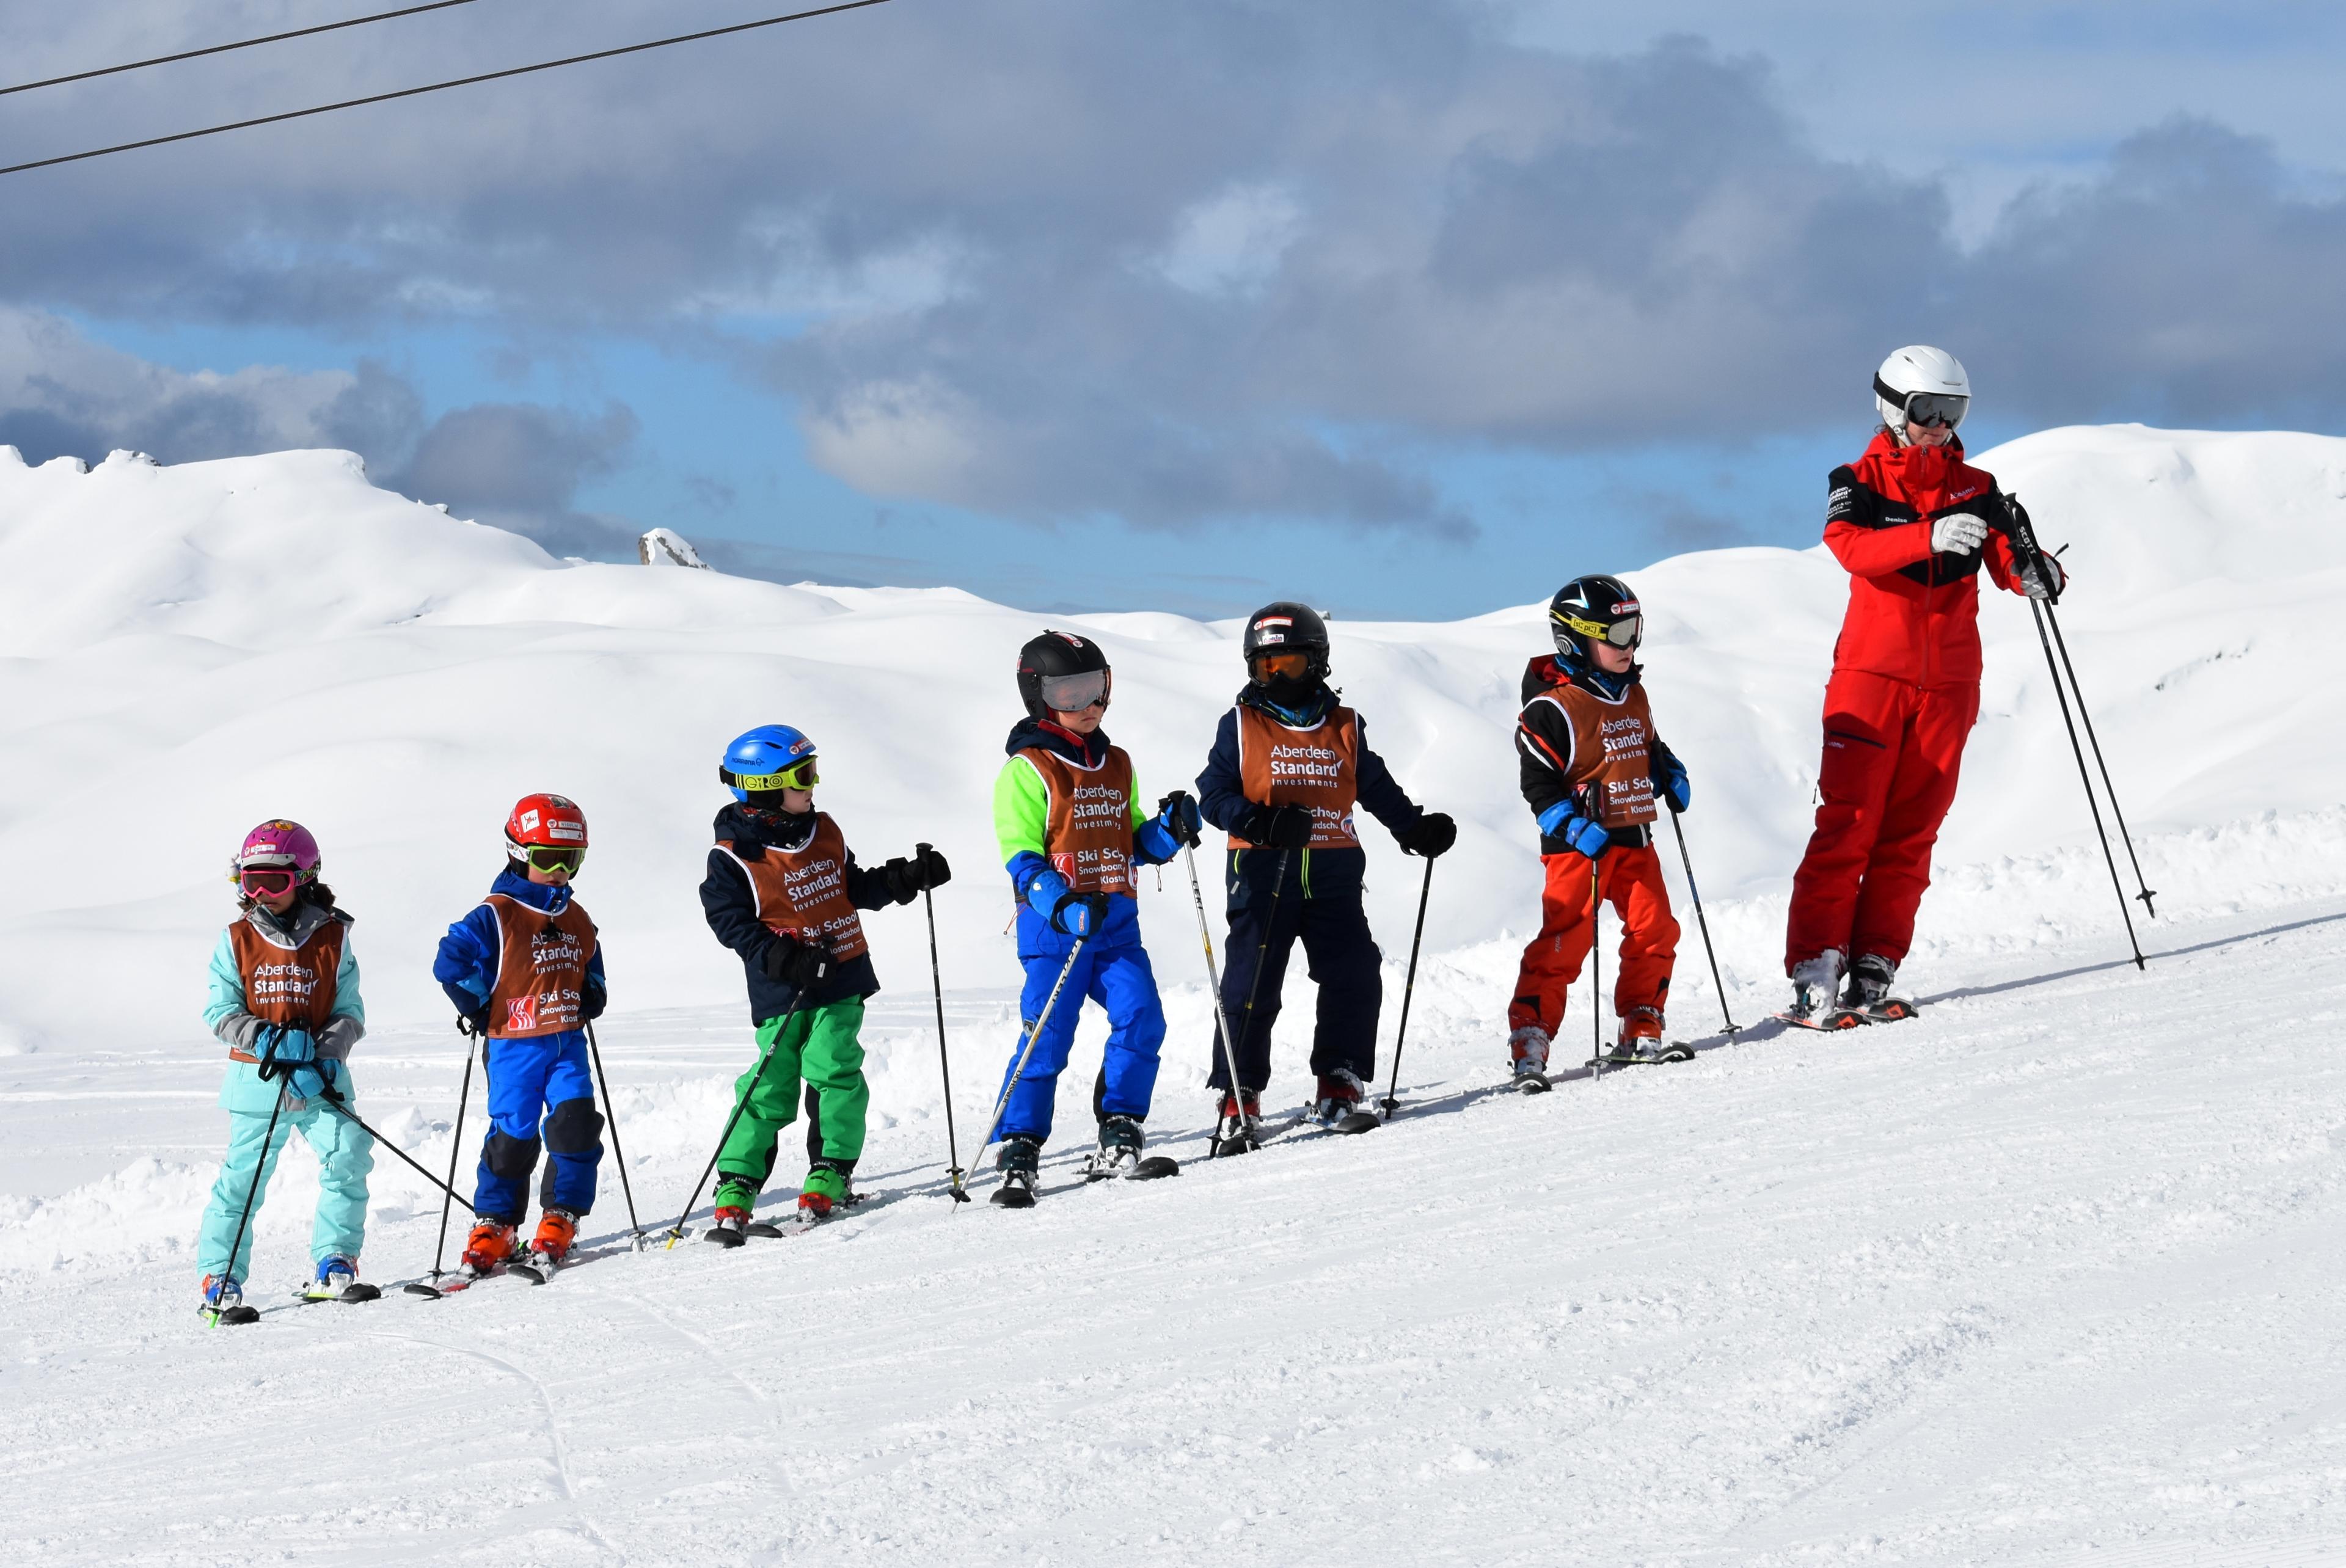 Cours de ski Enfants (dès 3 ans) pour Débutants